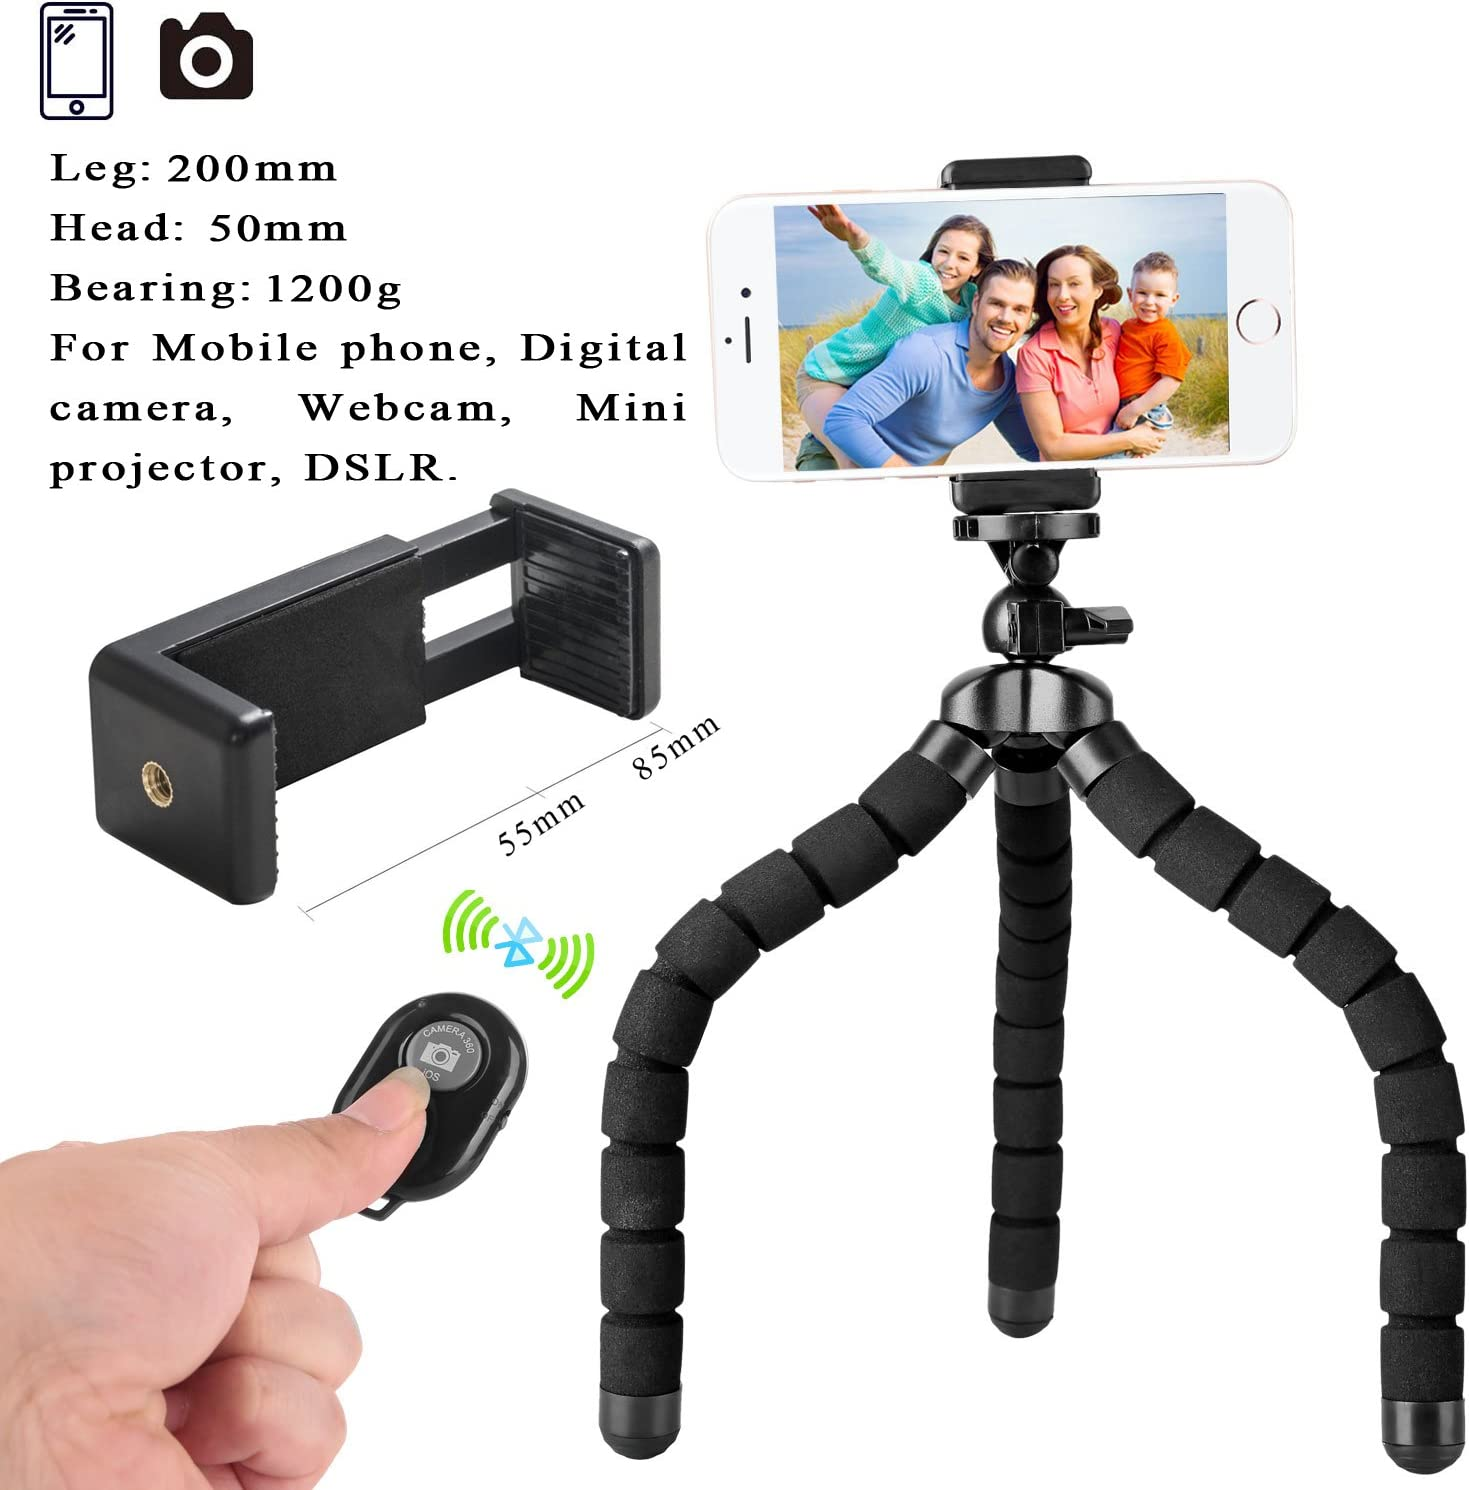 Trípode Flexible para móvil de tamaño Grande para iPhone con Soporte para teléfono móvil y Control Remoto para Todos los Smartphone, como iPhone 7 Plus, Samsung S7 Edge y cámara: Amazon.es: Electrónica